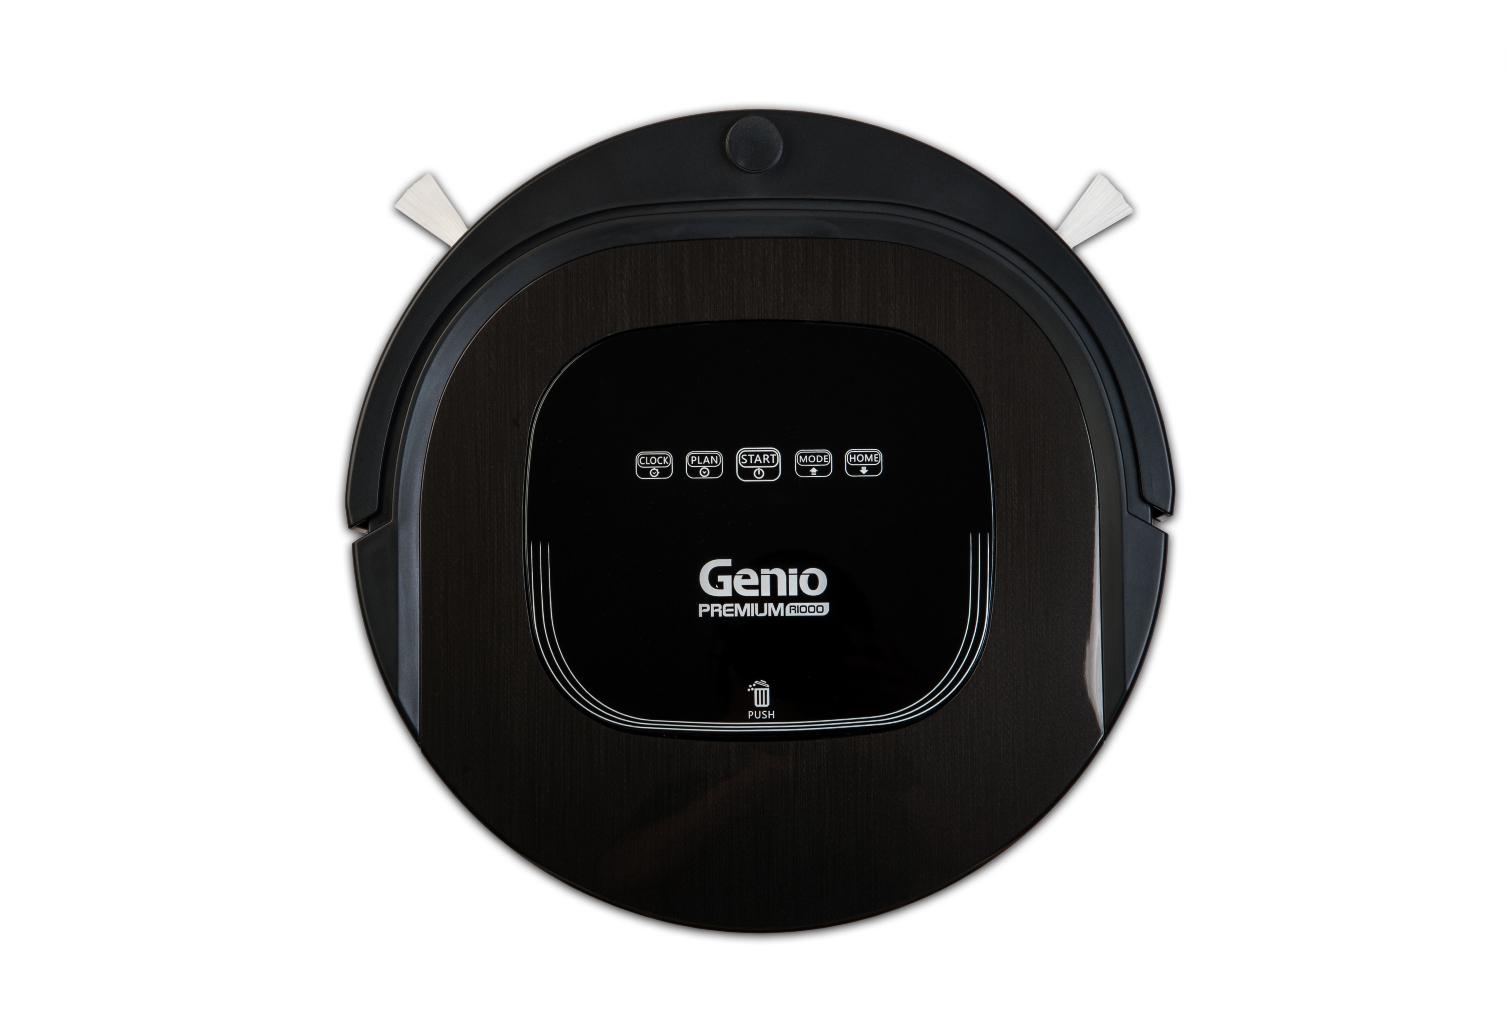 Робот пылесос Genio Premium R 1000Genio<br>Робот-пылесос Genio Premium R1000 (Черный) одна из топовых моделей фирмы Genio. Сменные блоки для уборки (с основной щеткой и без), мощный Li-ion аккумулятор, бесщеточный мотор, бампер мягкого касания, увеличенный блок влажной уборки (с резервуаром для во...<br>